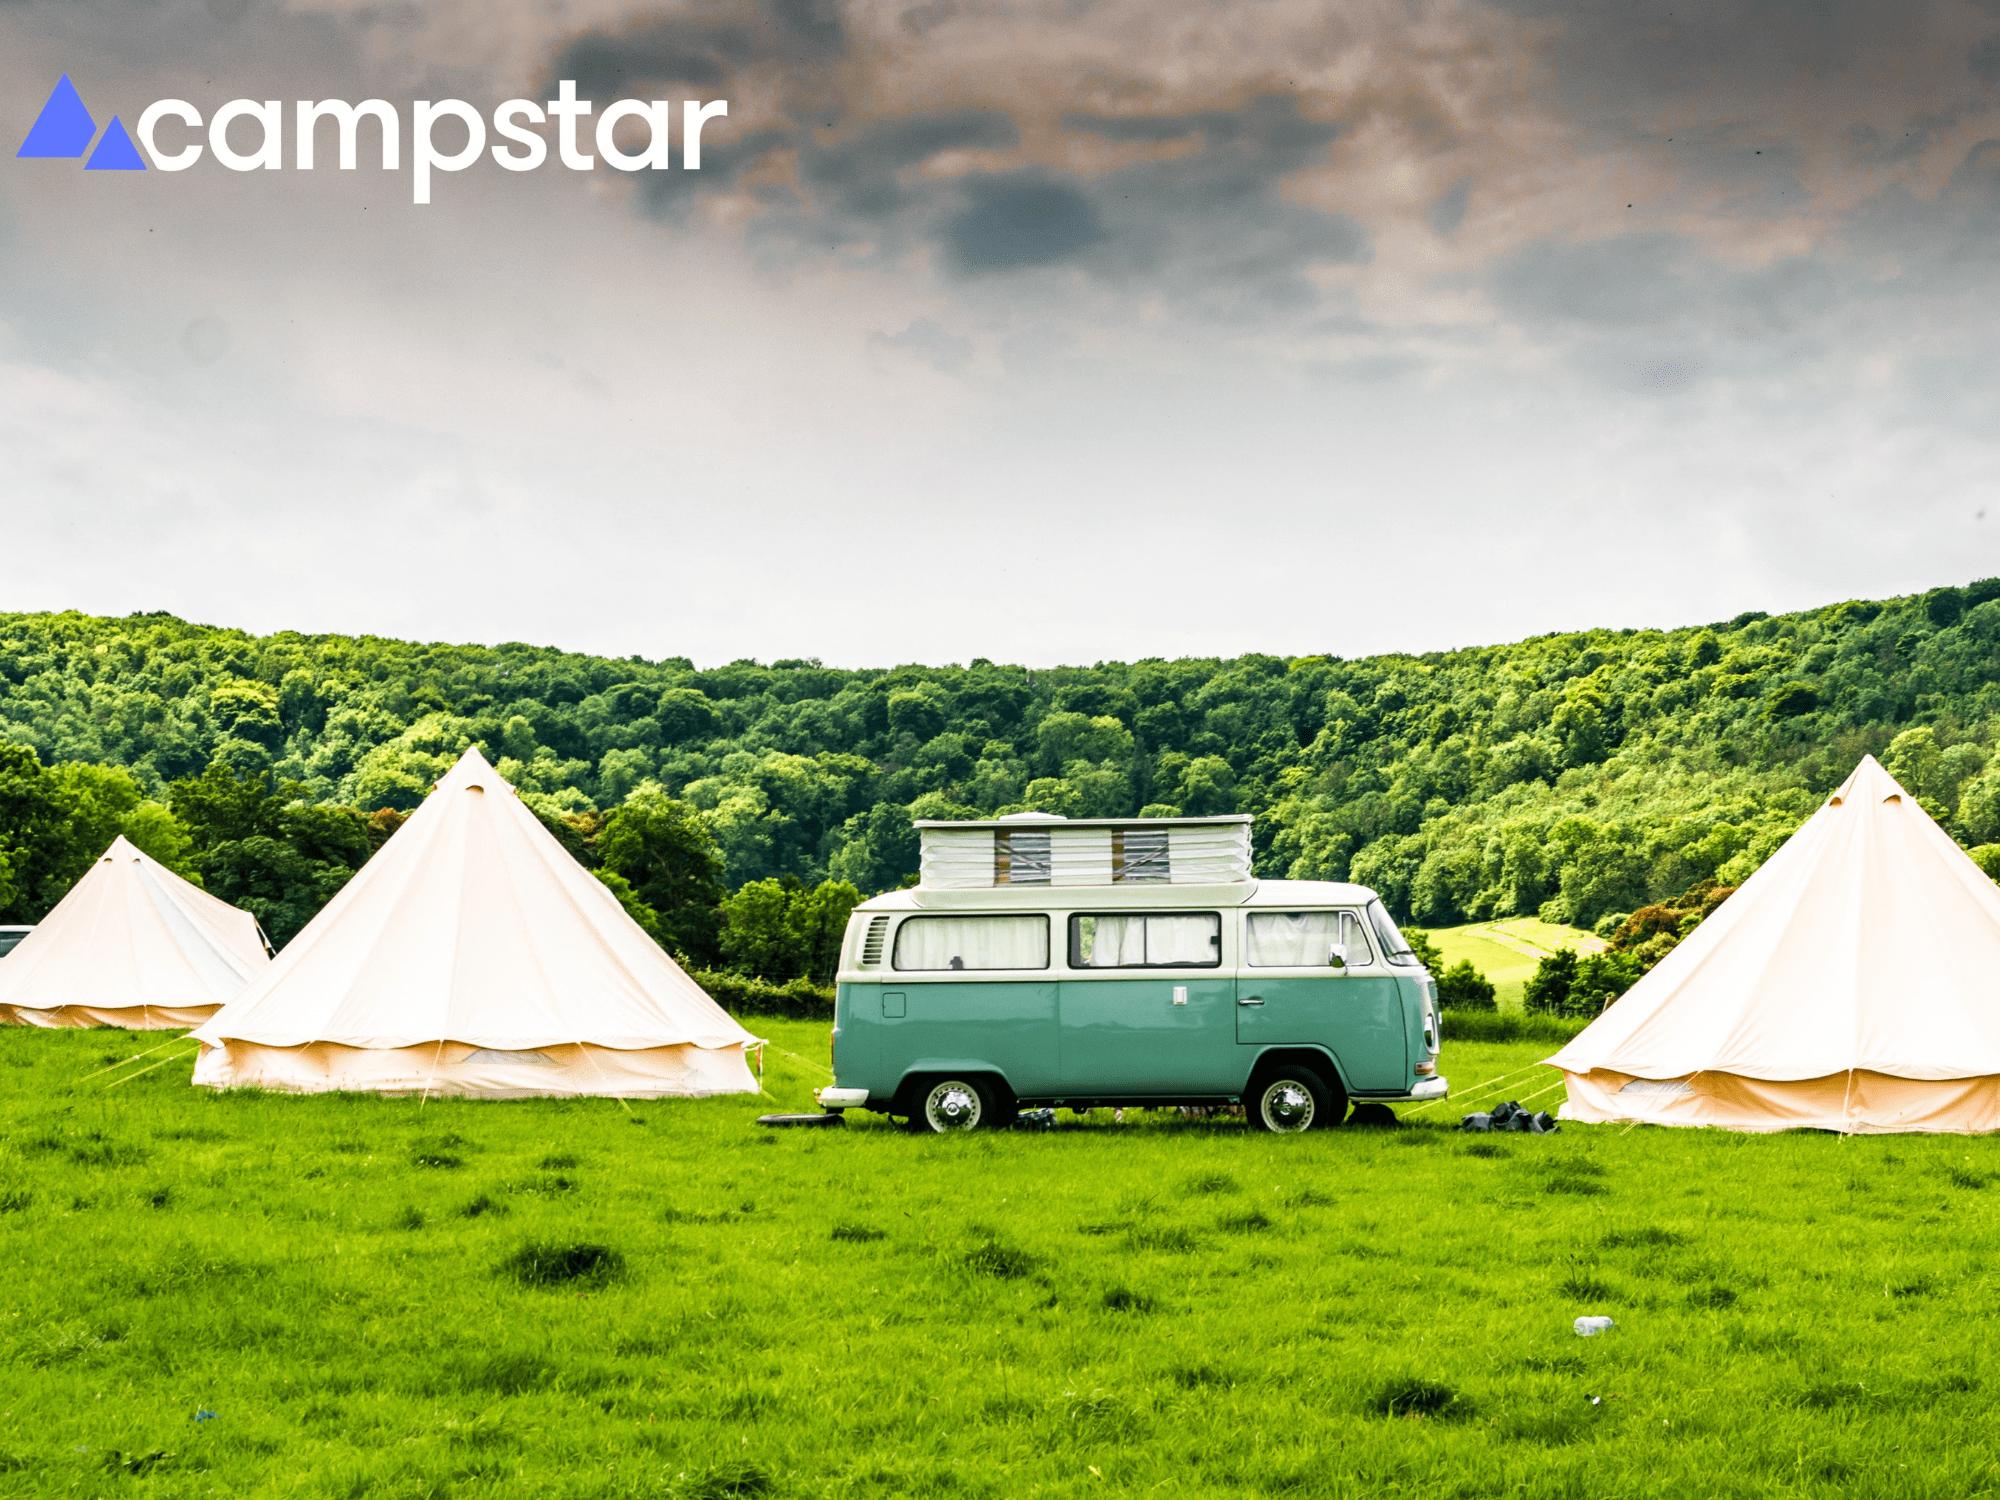 Finde alles was du für dein nächstes Camping-Abenteuer brauchst auf campstar.com! #EXPLORE